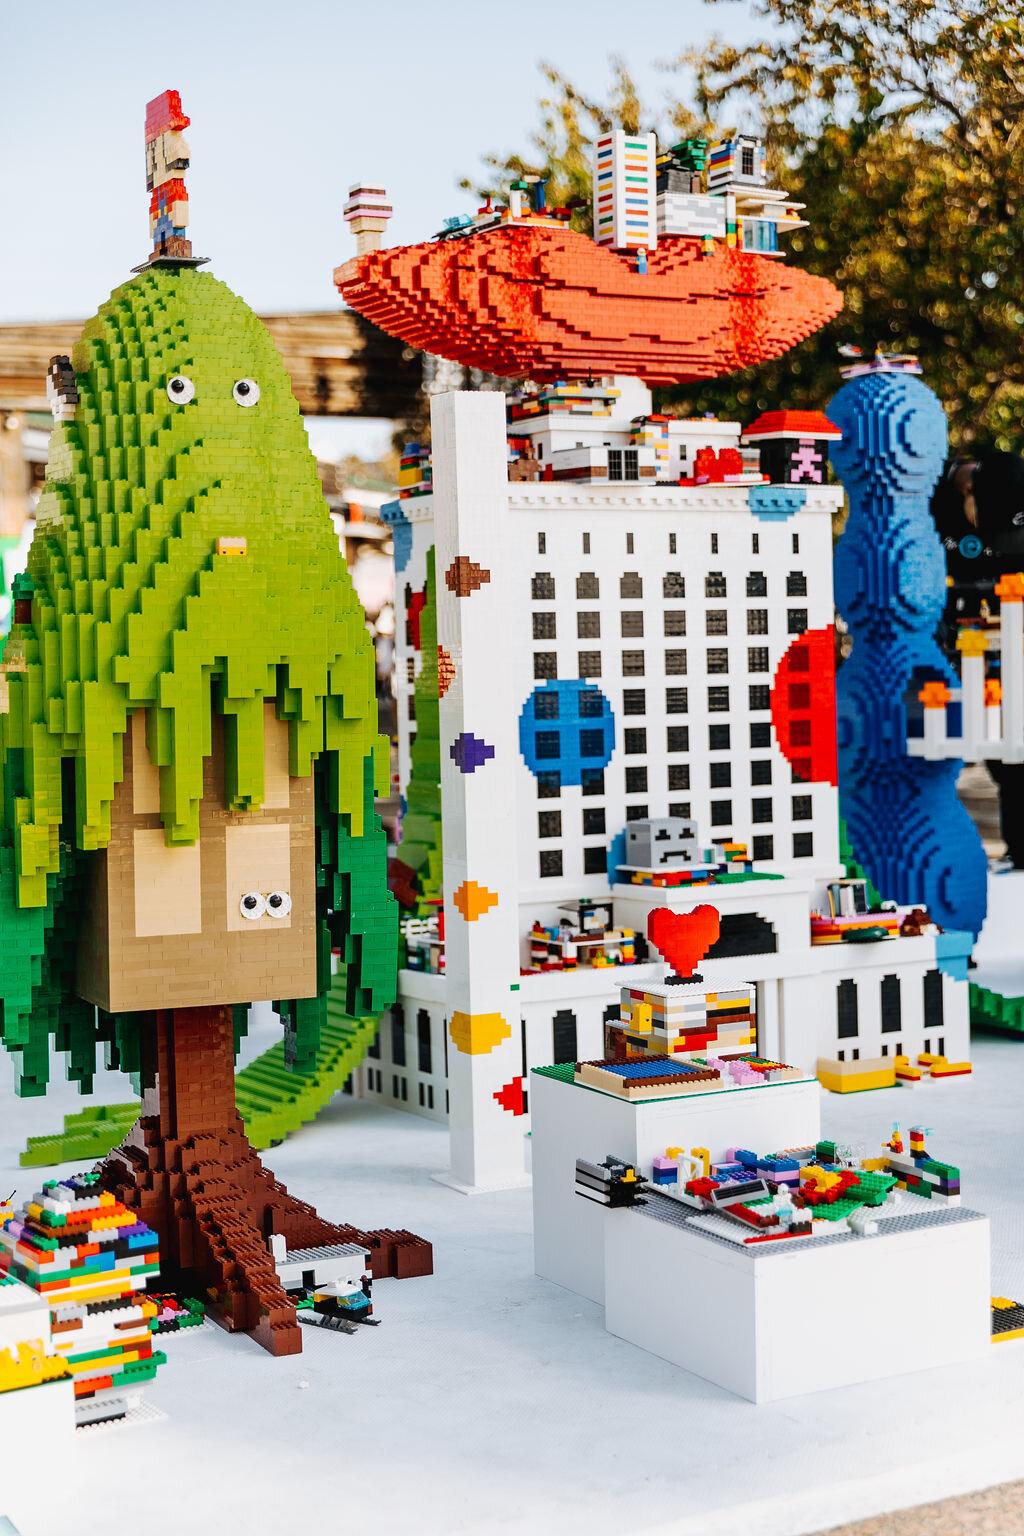 JW_Lego_5